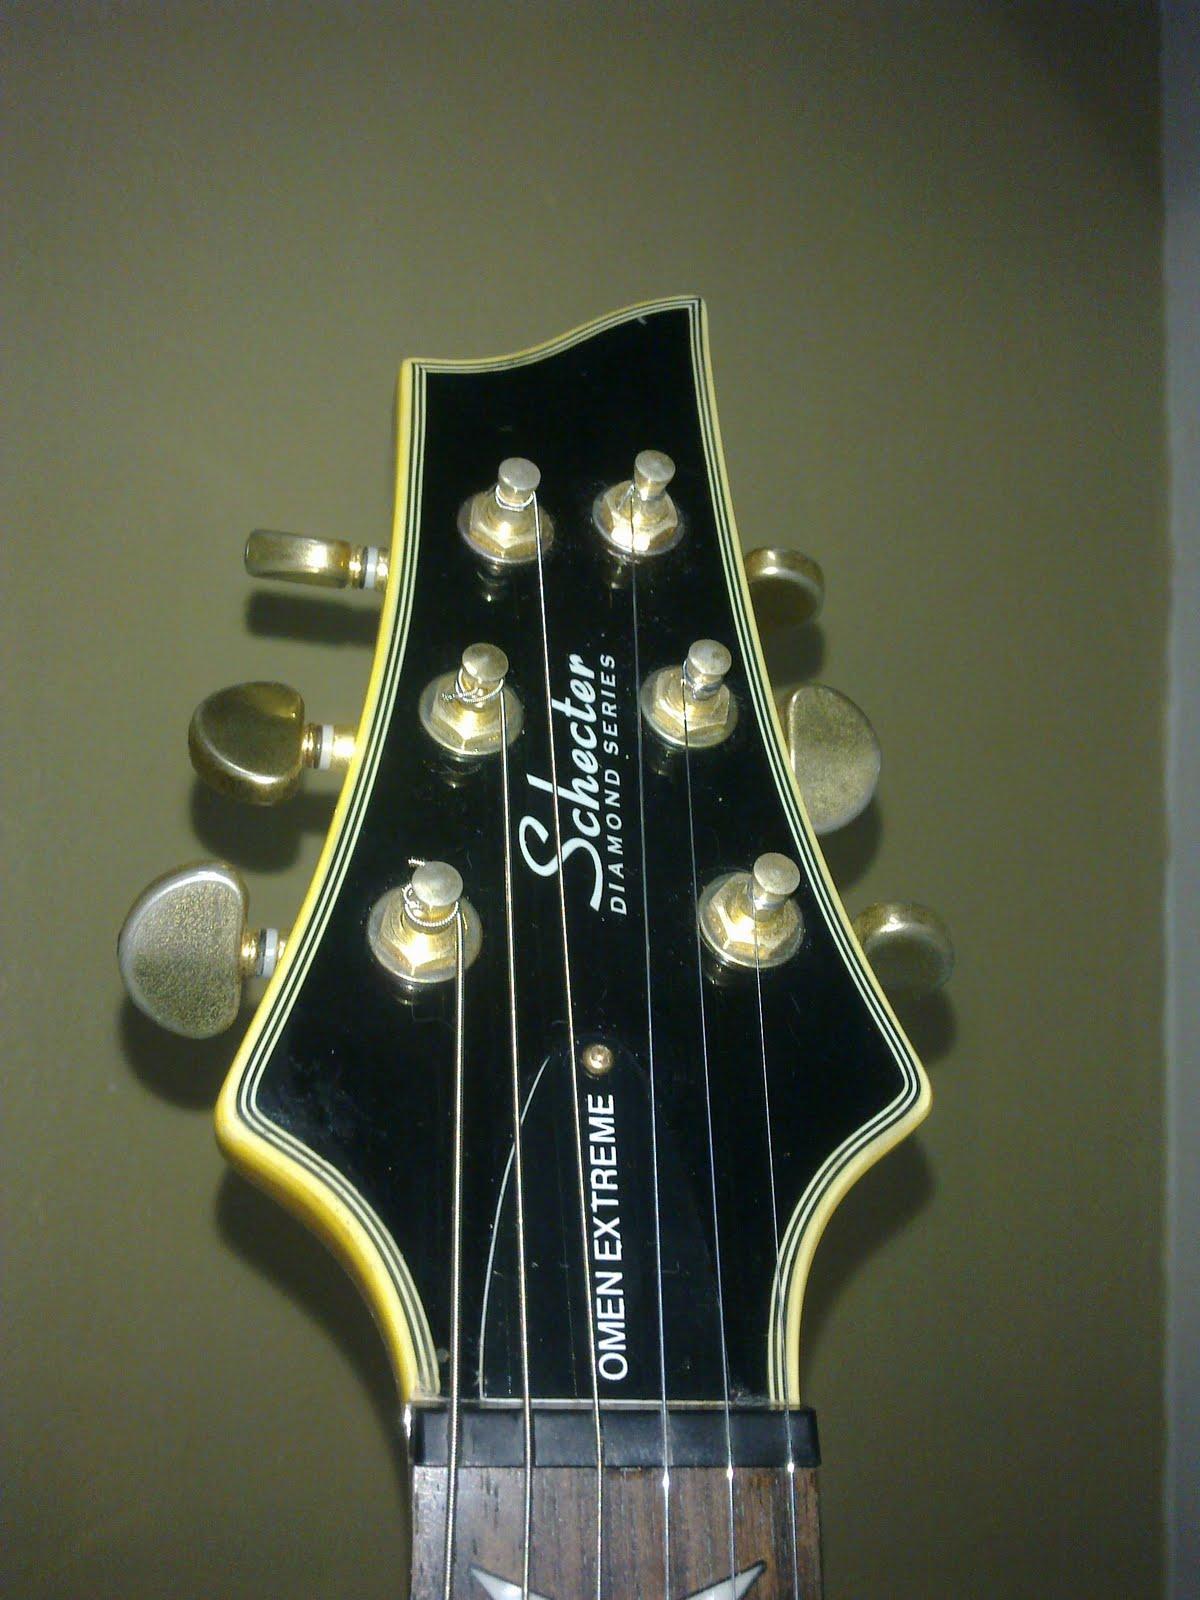 guitar inspires me used schecter omen extreme 6. Black Bedroom Furniture Sets. Home Design Ideas